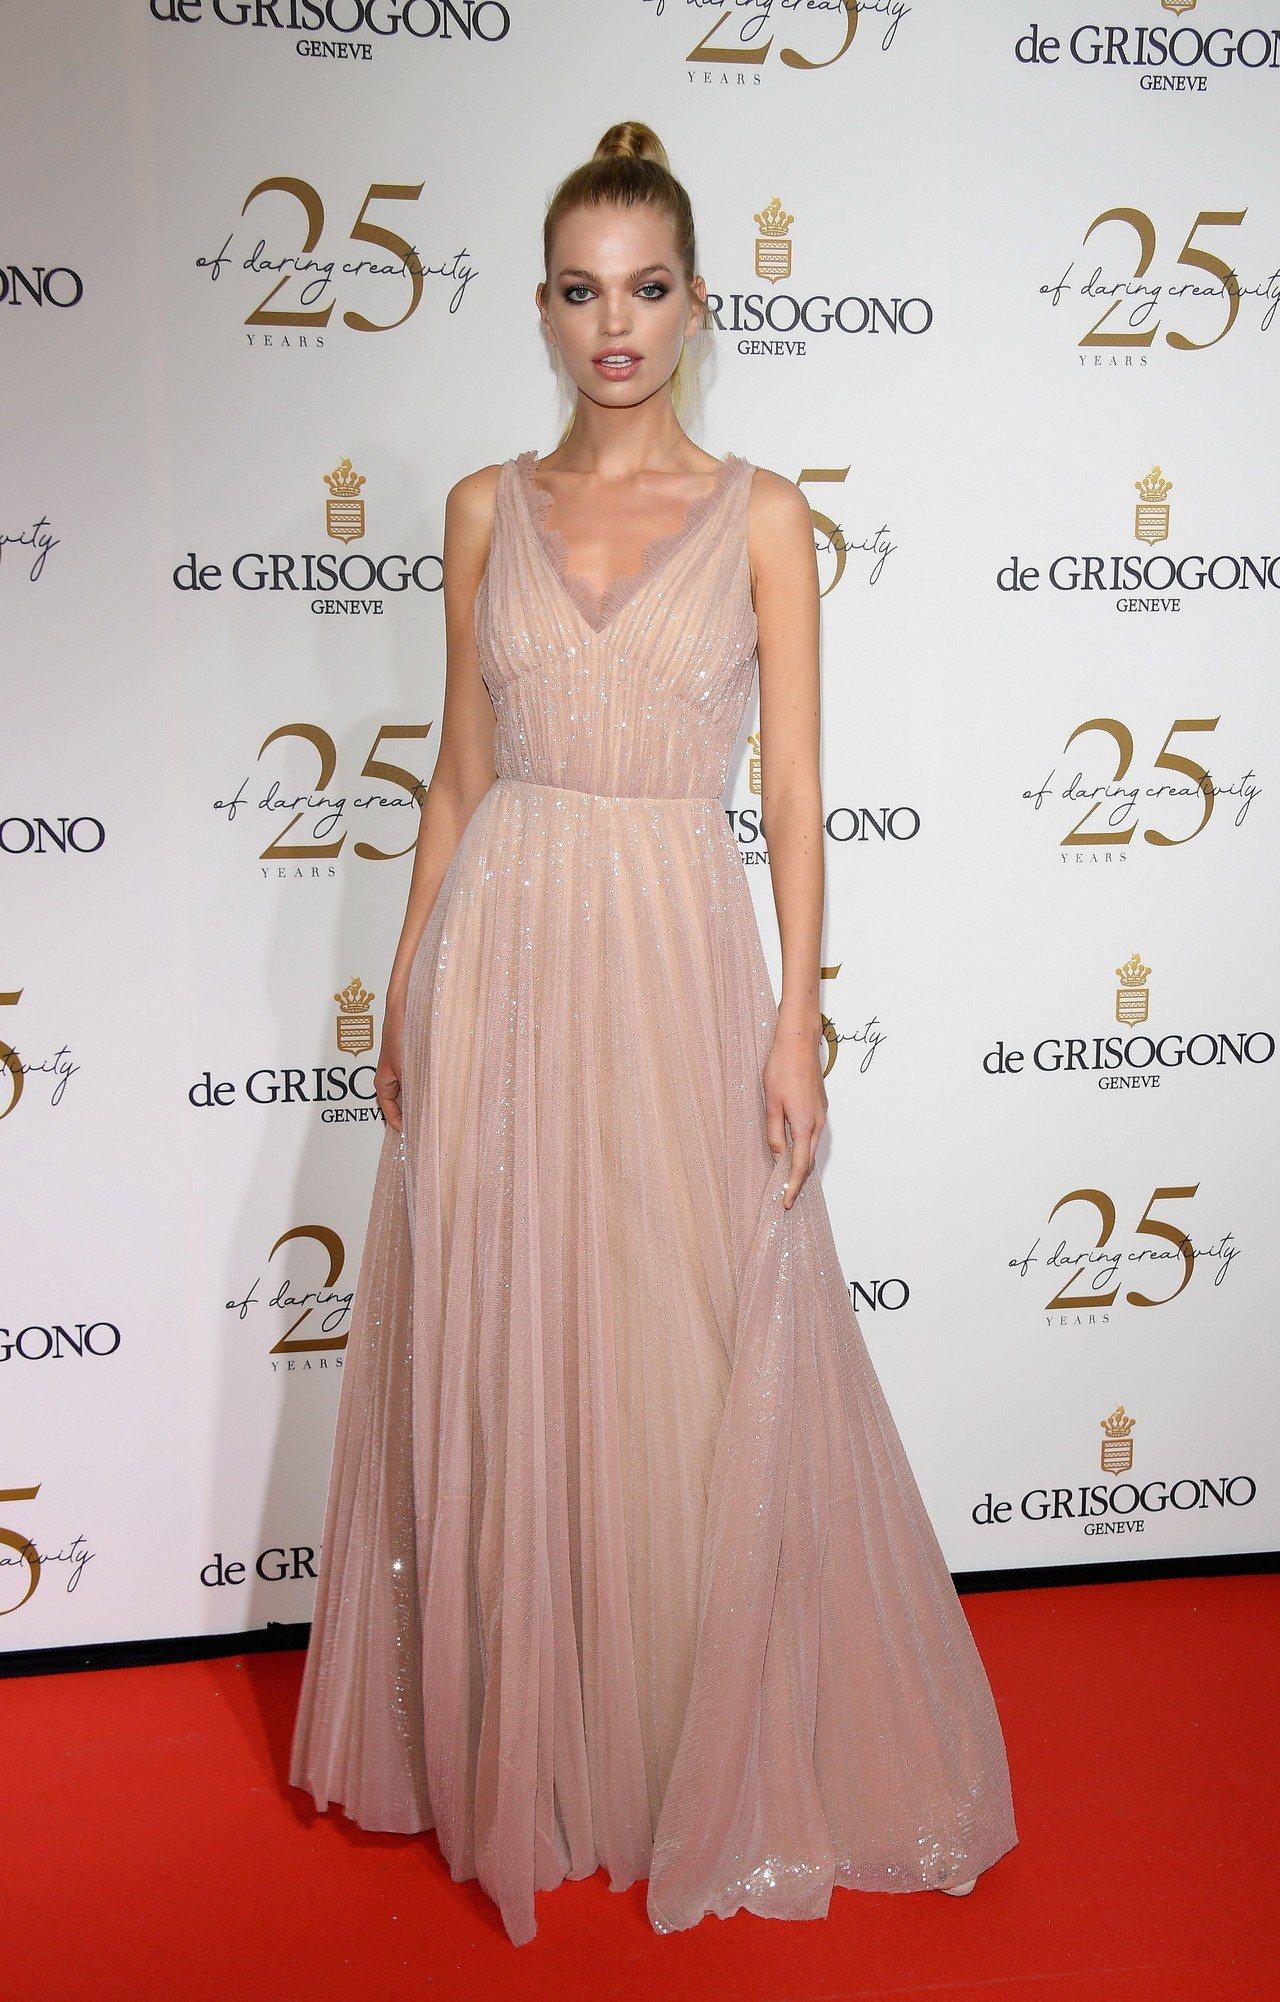 超模達芬妮葛洛妮維爾德出席De Grisogono於坎城舉辦的派對,選穿Prad...